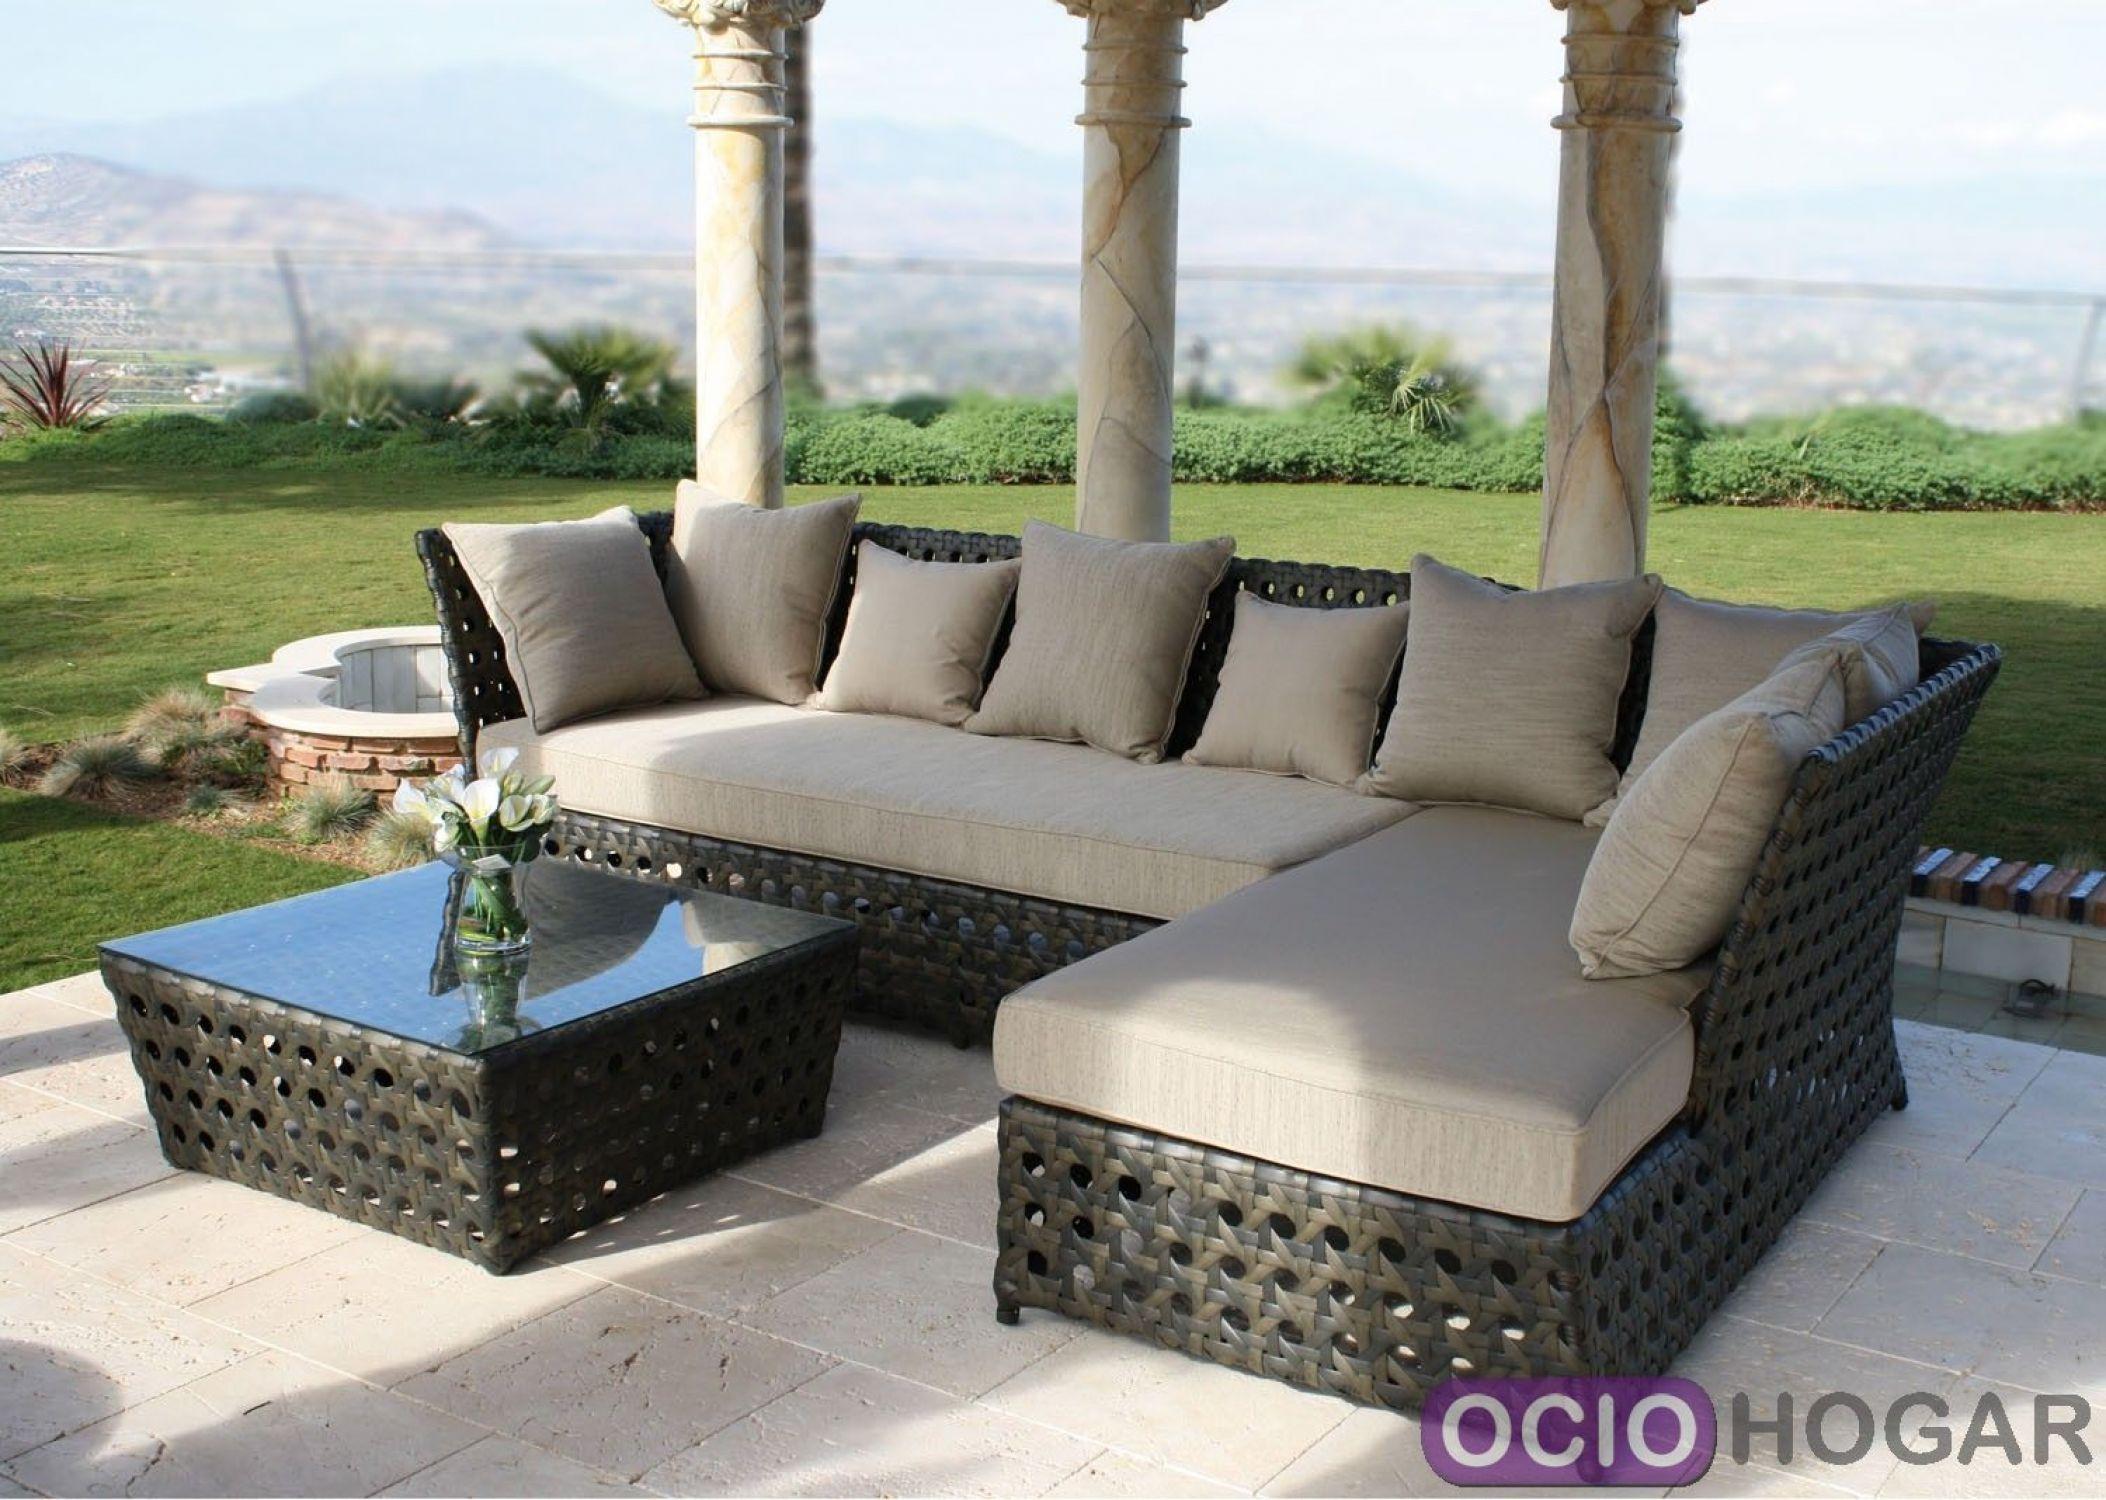 Muebles de exterior blog ociohogar for Muebles de exterior modernos